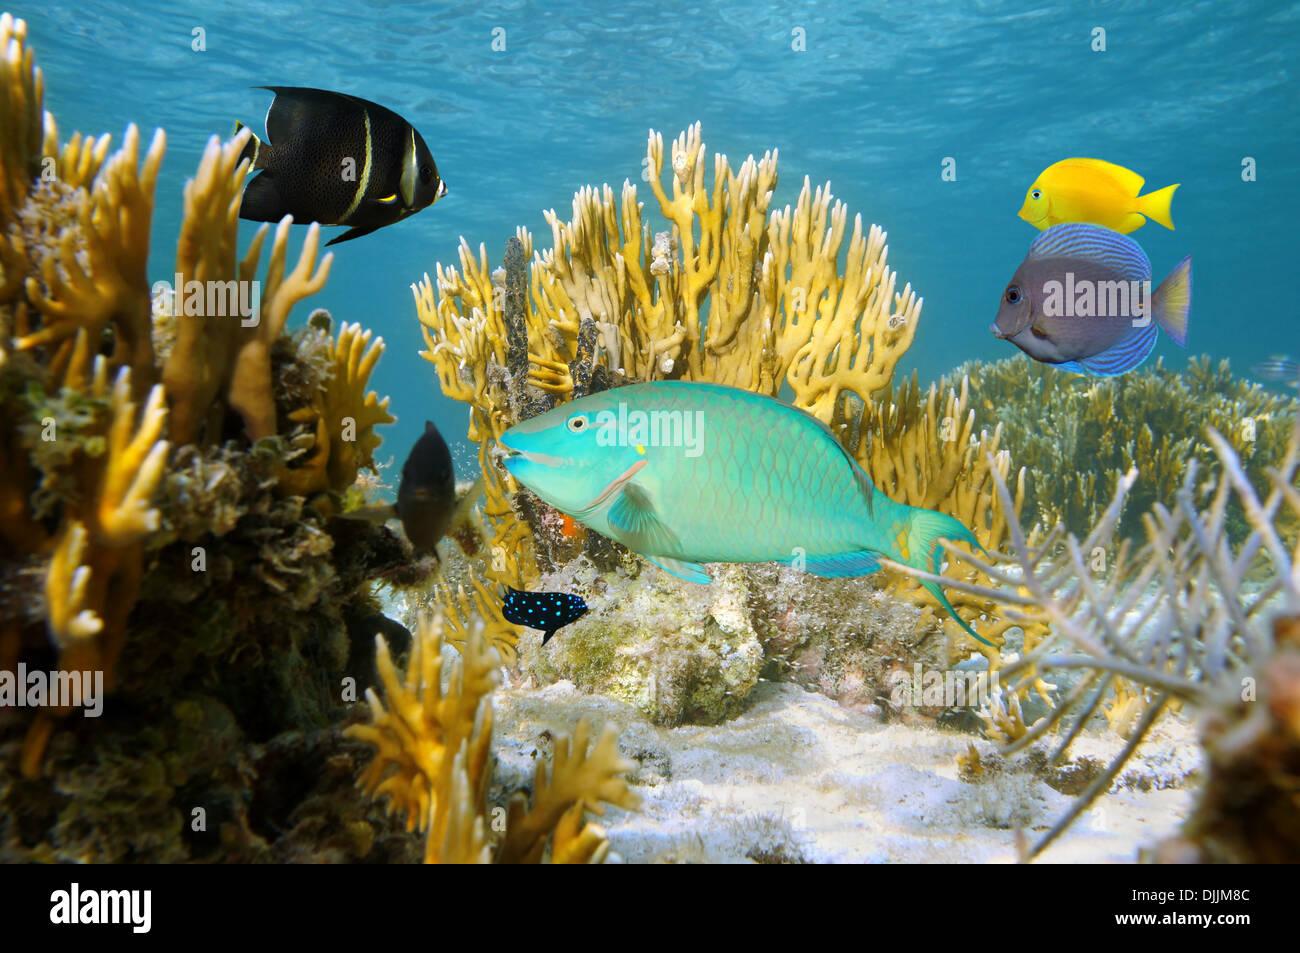 Escena submarina con coloridos peces tropicales de un arrecife de coral, el océano Atlántico, las Bahamas. Foto de stock